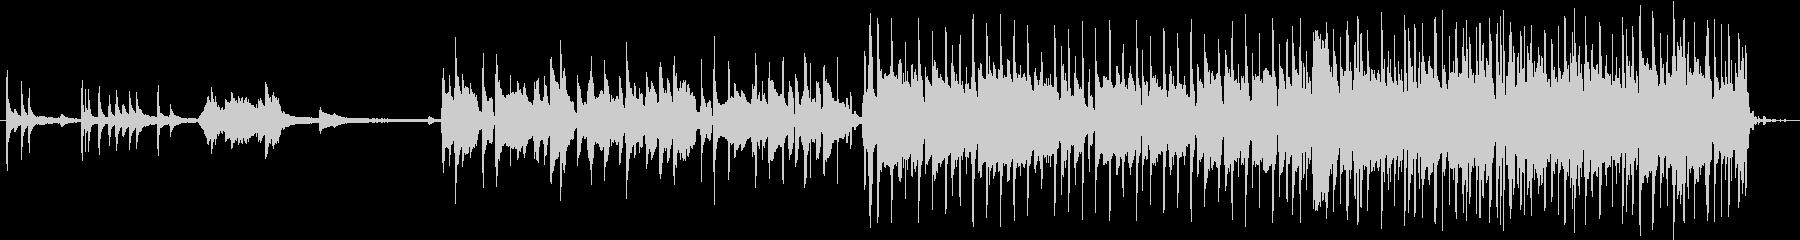 切ない曲調のバラードの未再生の波形